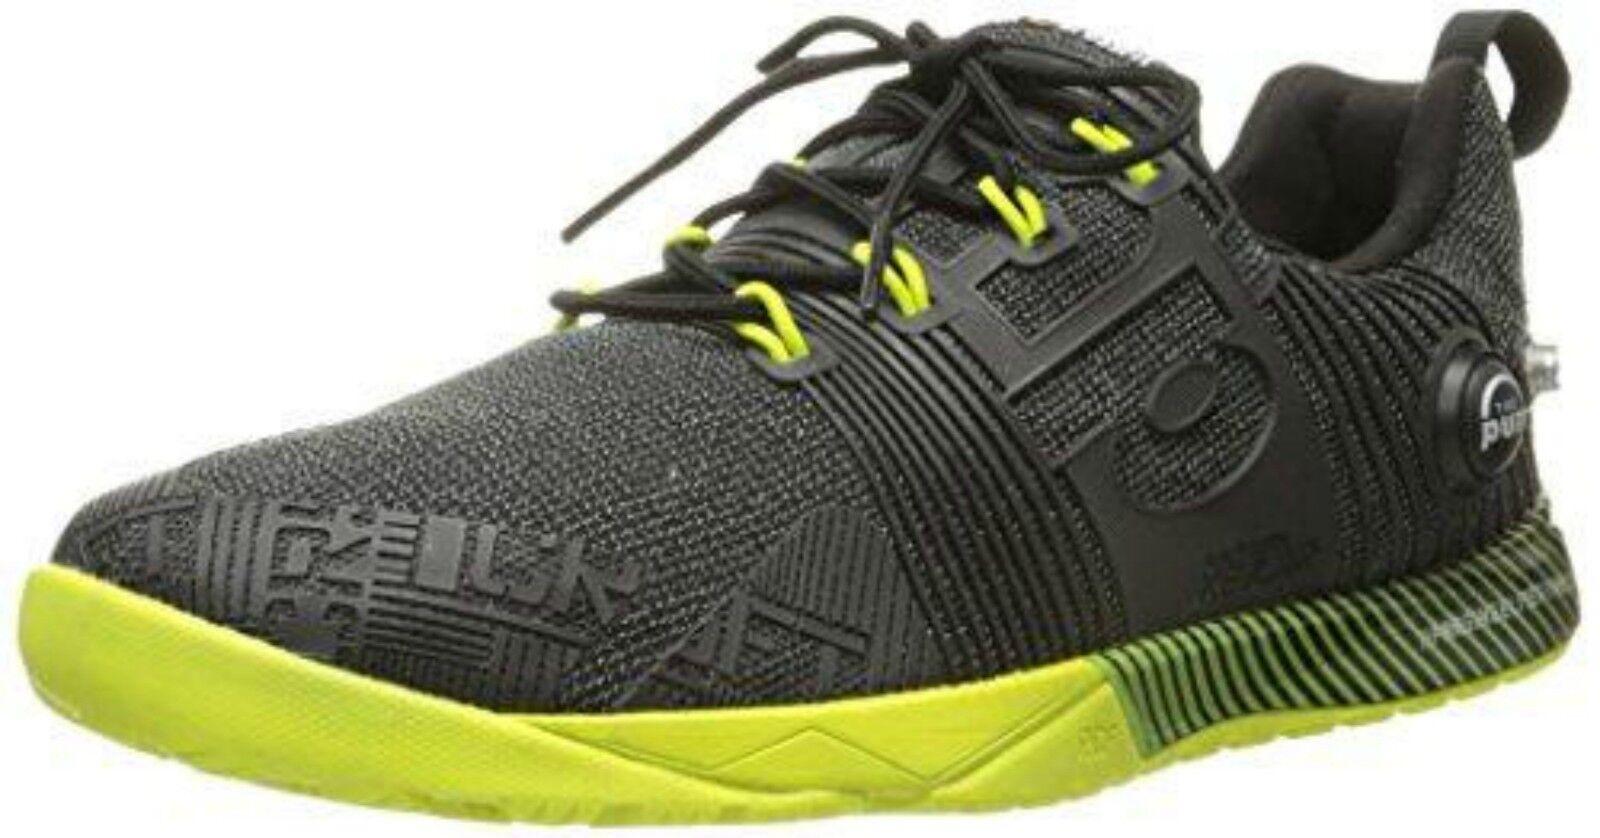 Reebok donna CrossFit Nano Pump Fusion Fusion Fusion Training scarpe nero giallo ALL DimensioneS b4a726